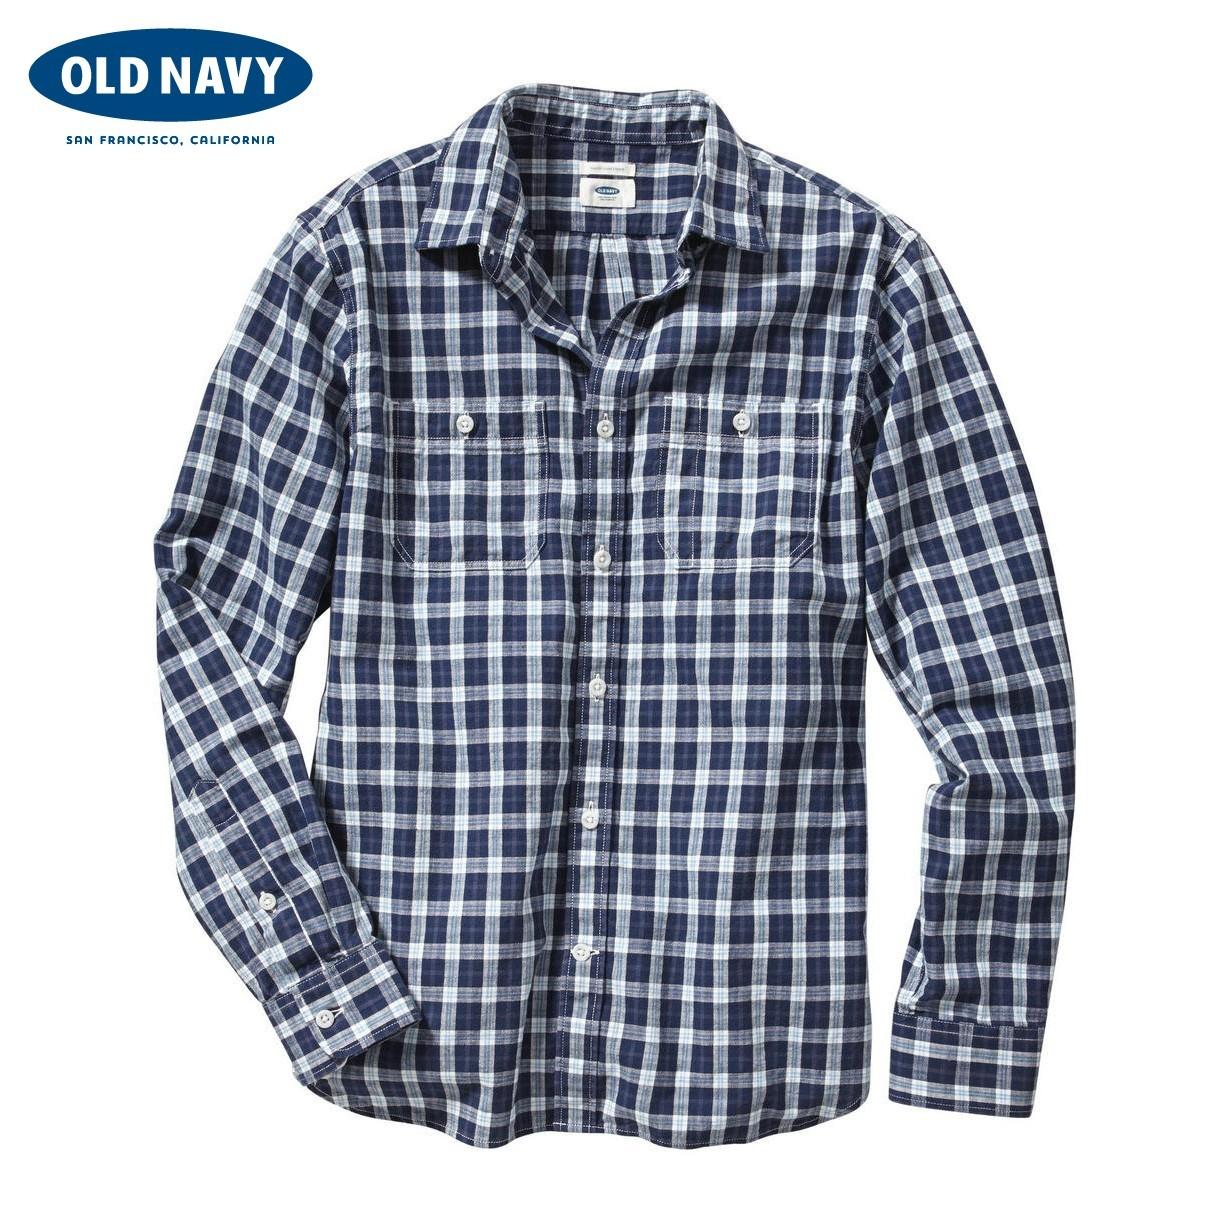 Рубашка мужская OLD NAVY 000119321 119321 джинсы мужские navy old